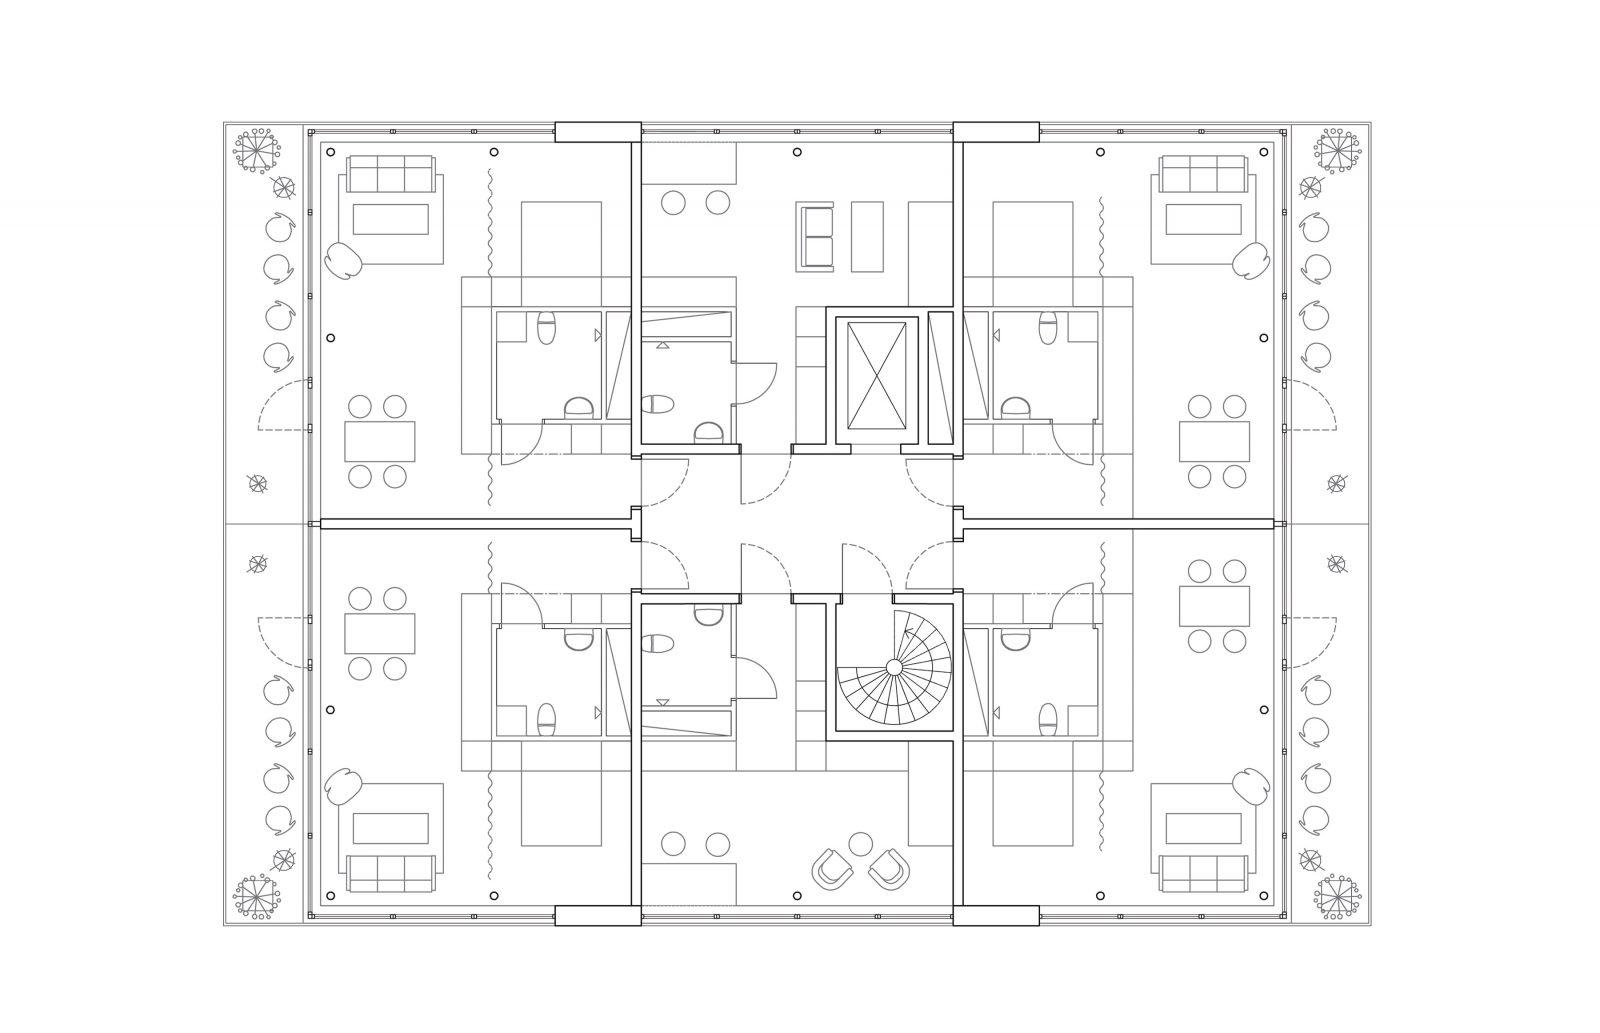 P:ProjektBergsbrantenAModellHus1 Typplan Model (1)